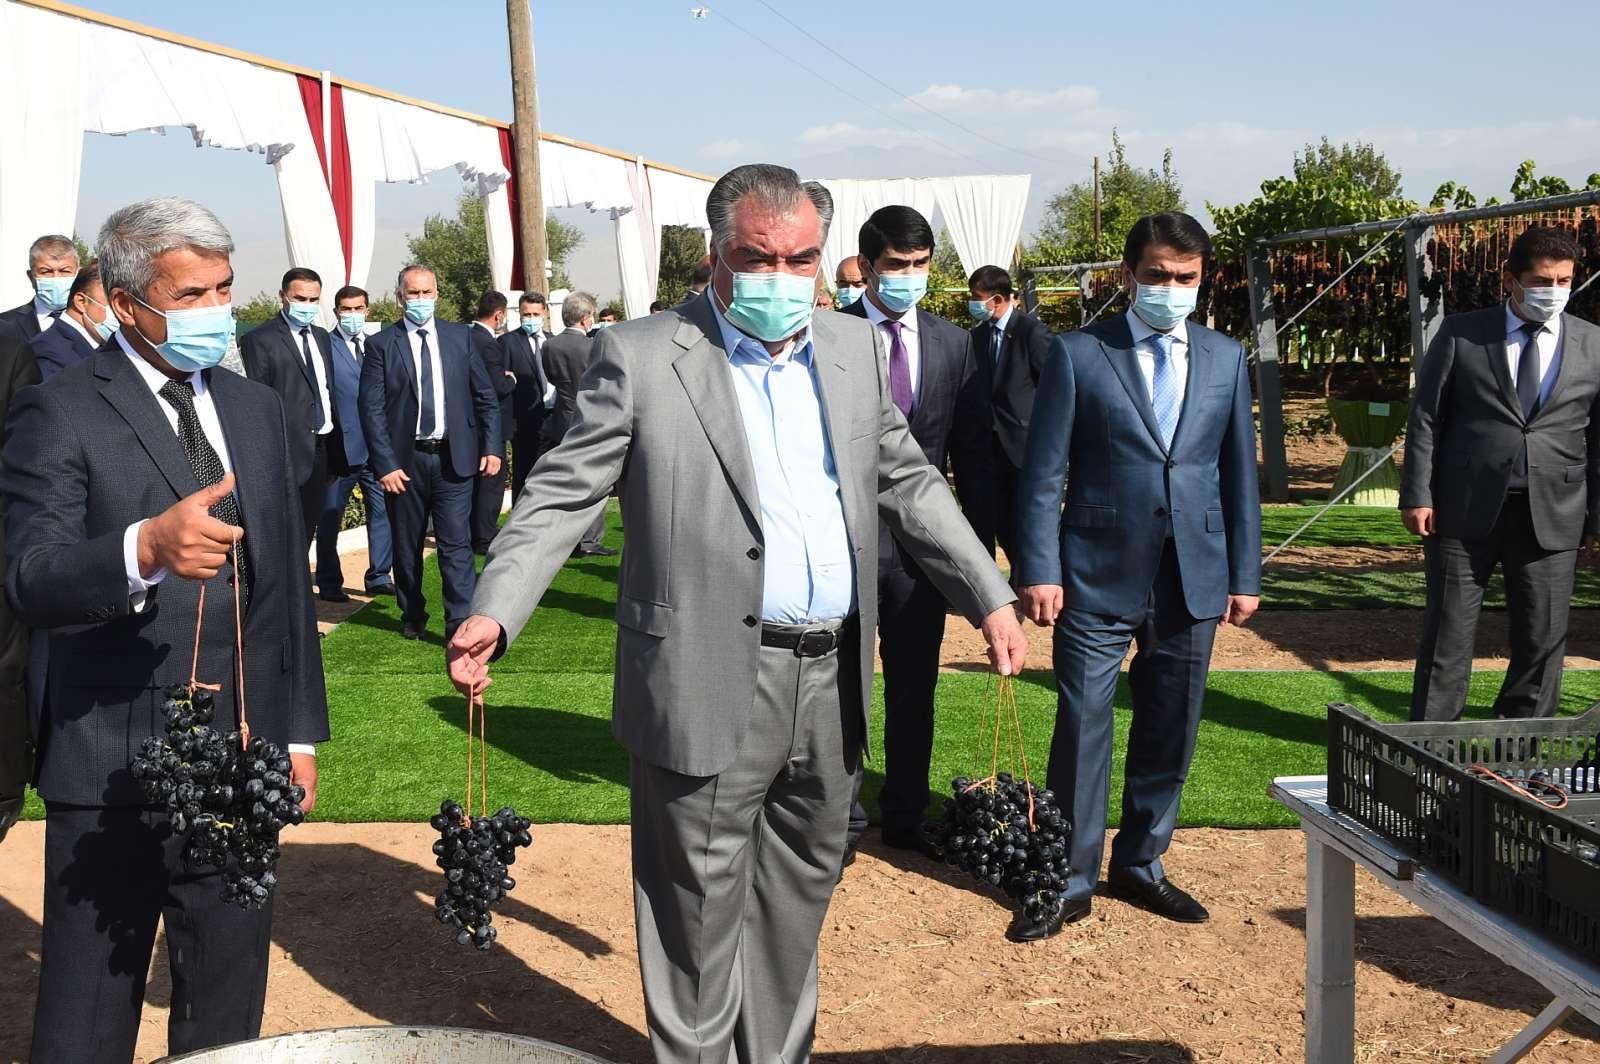 Аз пахтачинӣ то тайёр кардани мавиз: сафари президент ба шаҳри Турсунзода